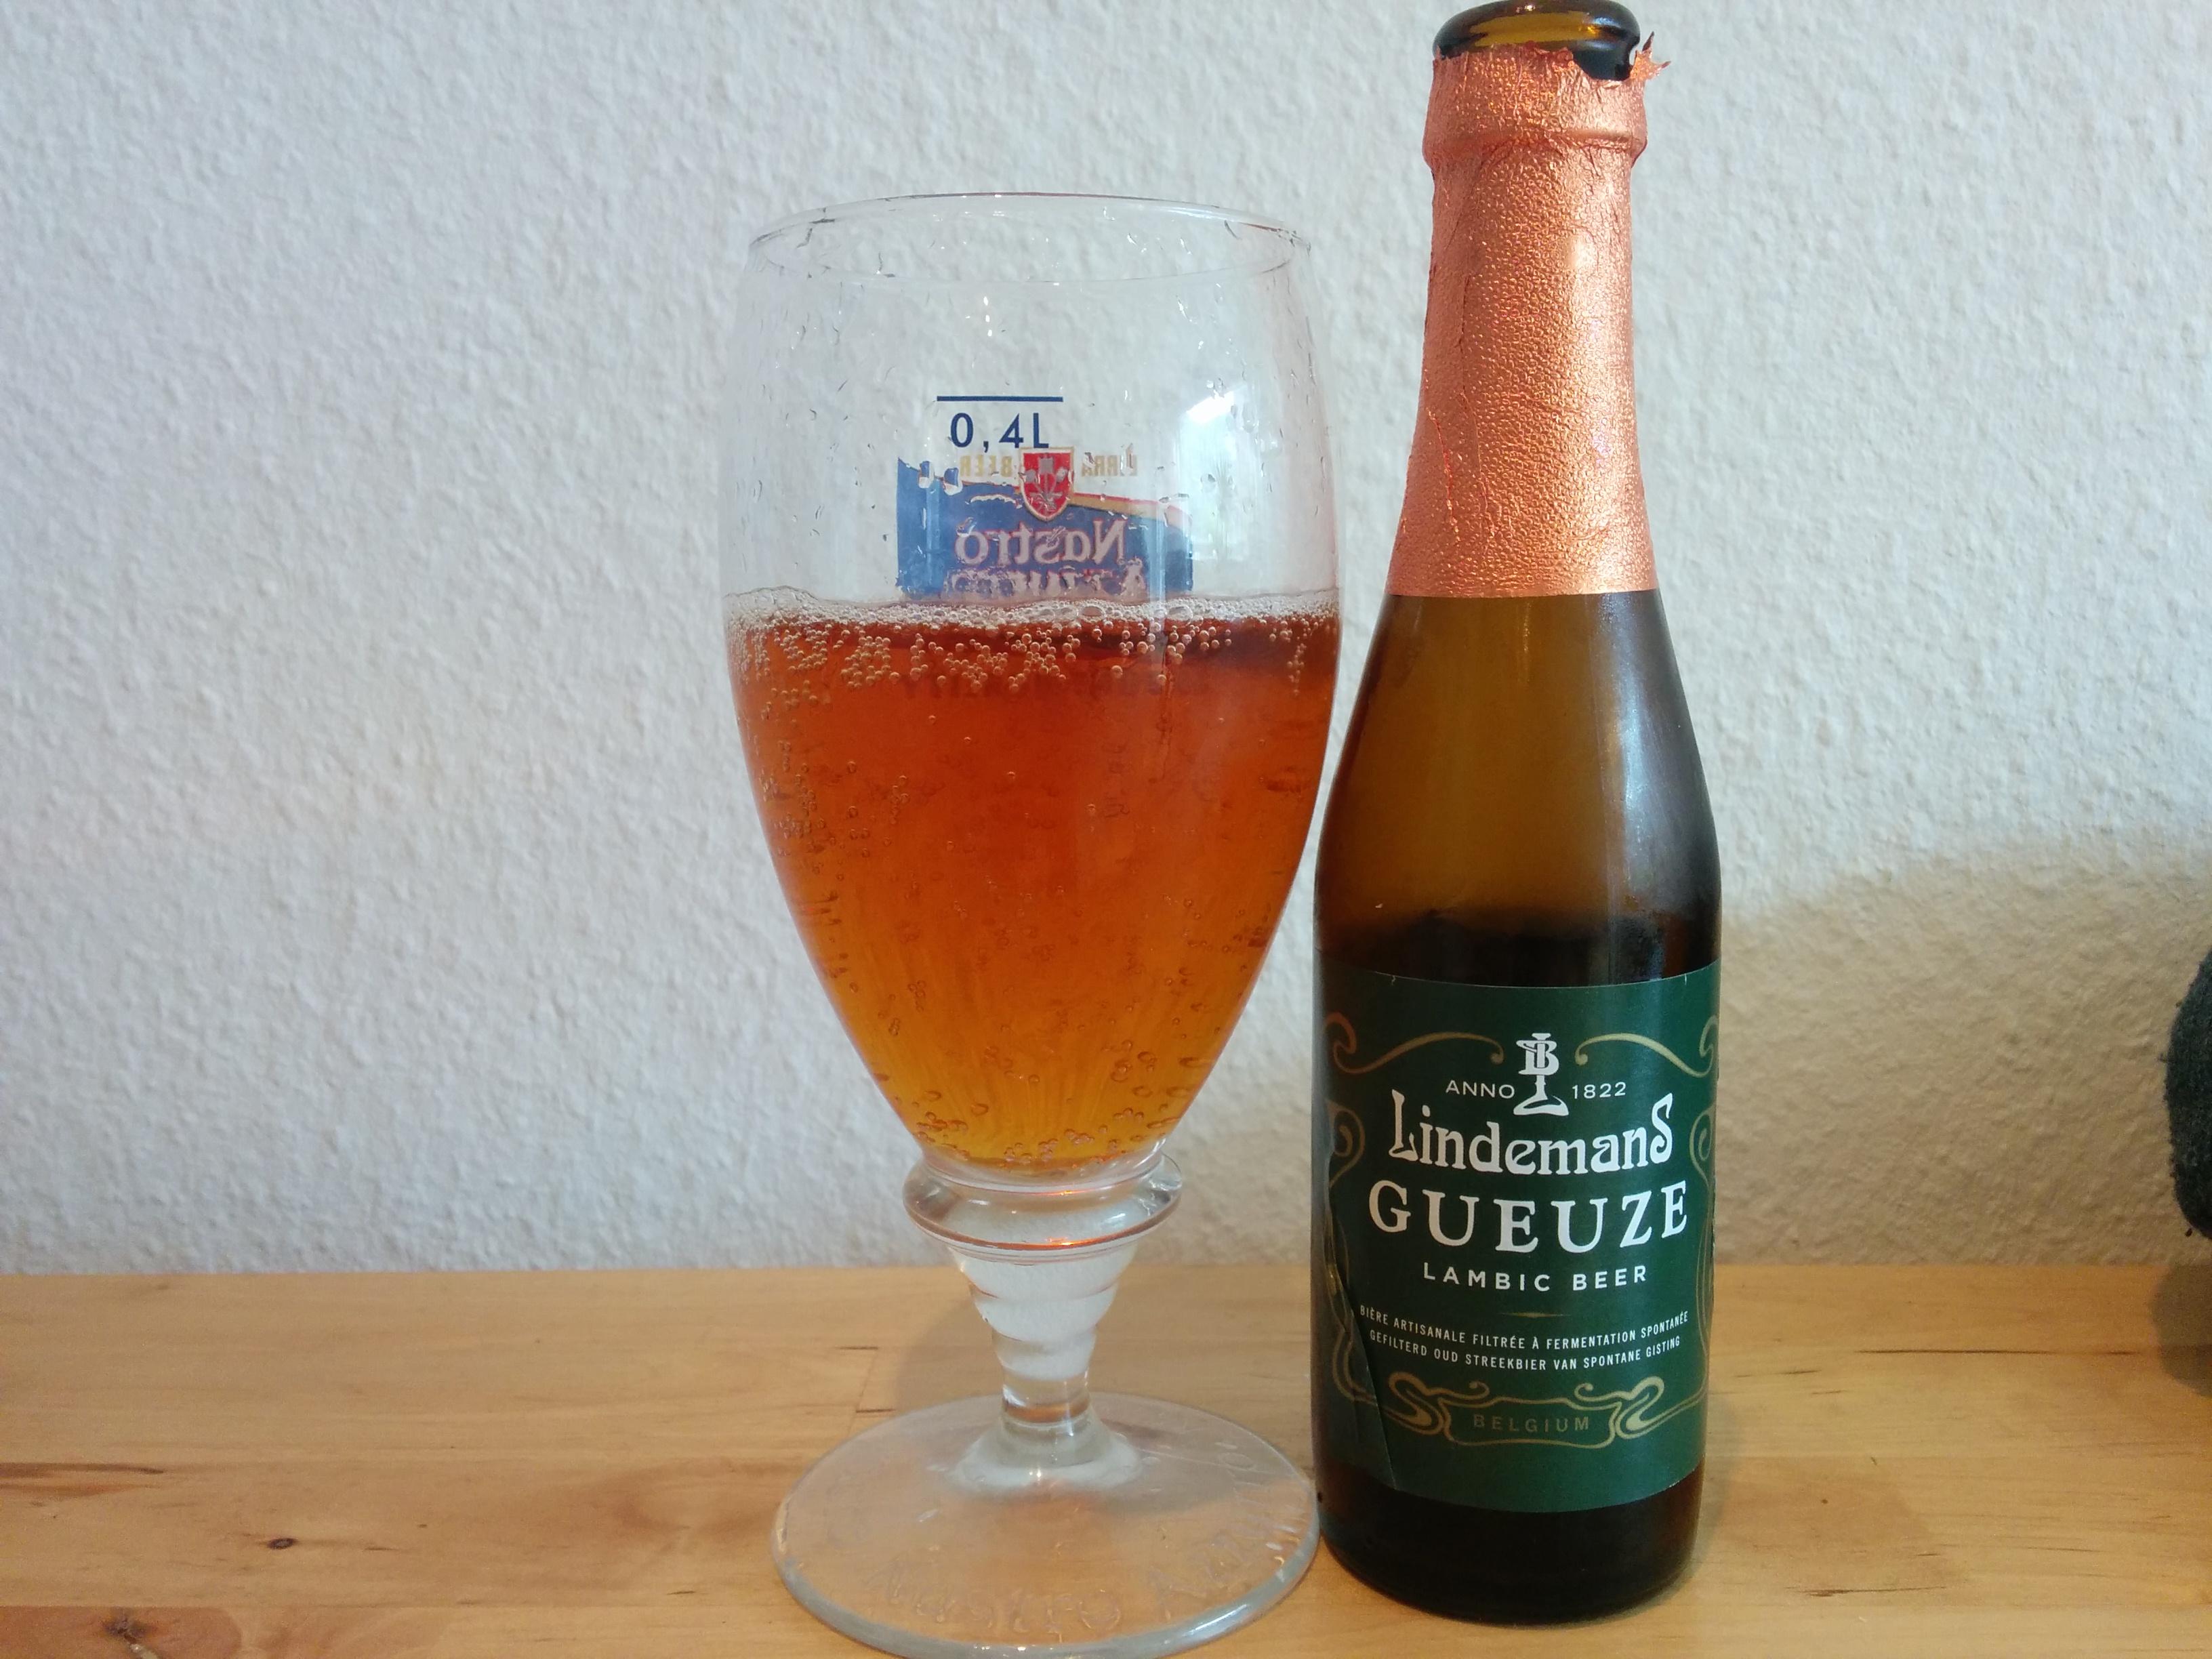 Lindemans Gueuze - I glas og flaske